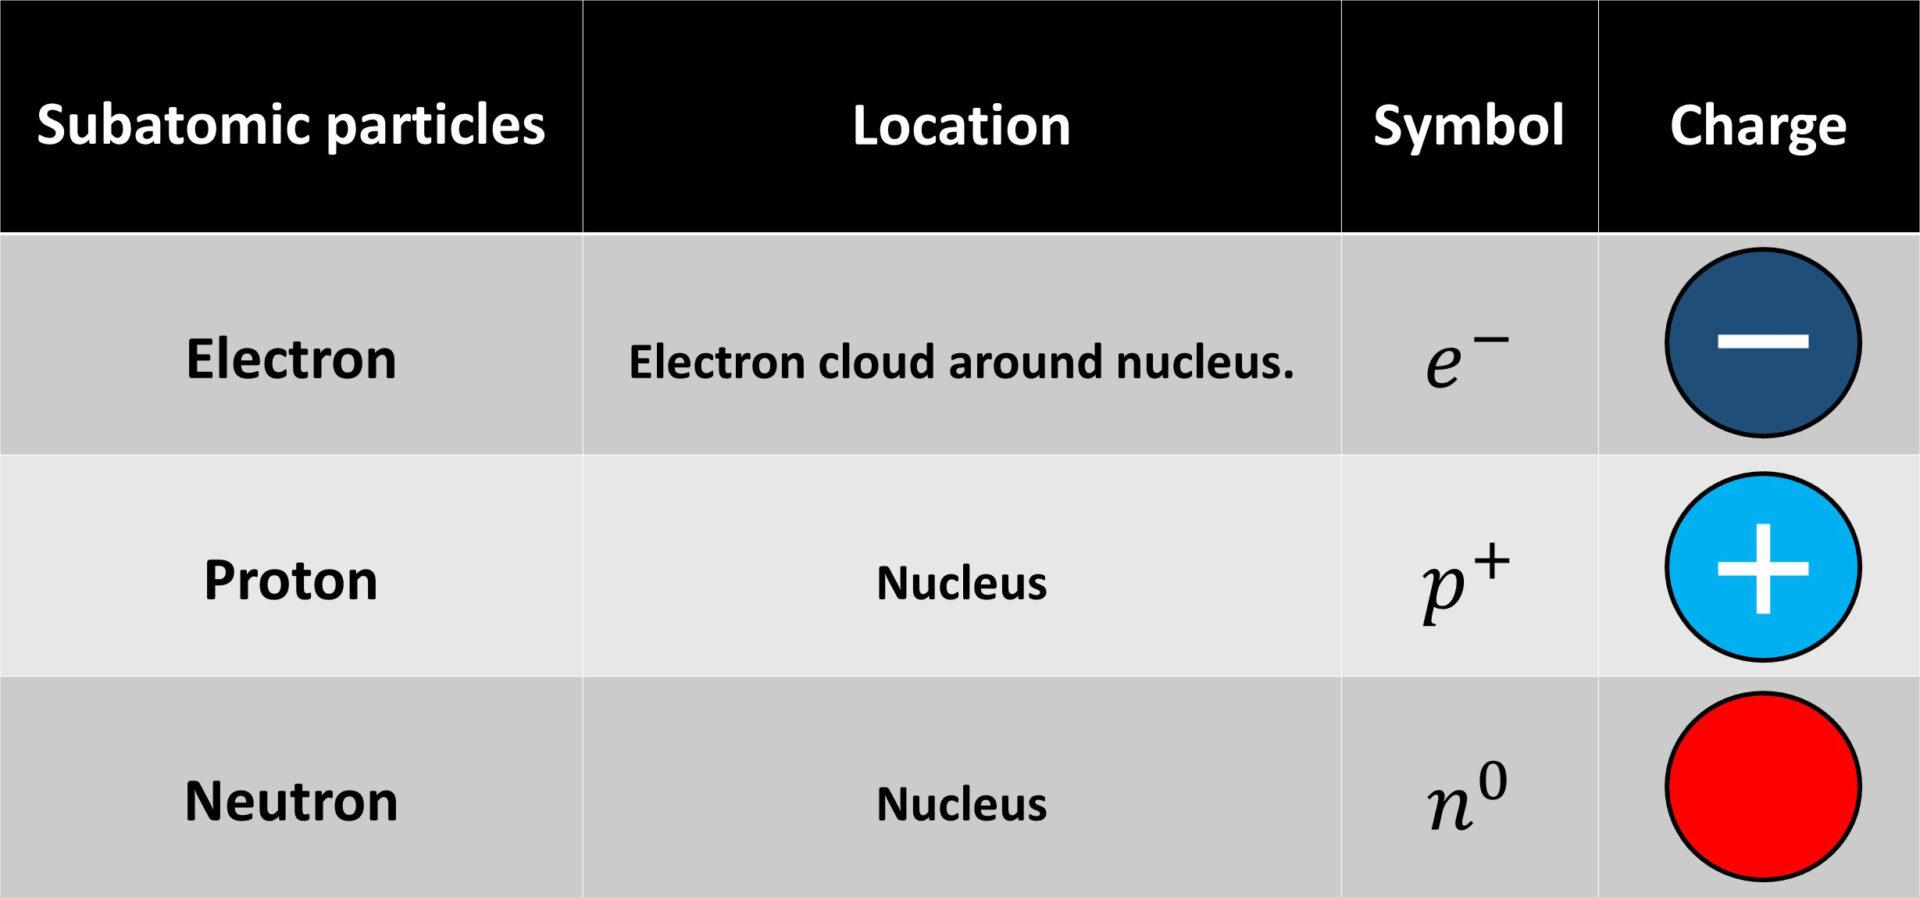 subatomic-particles